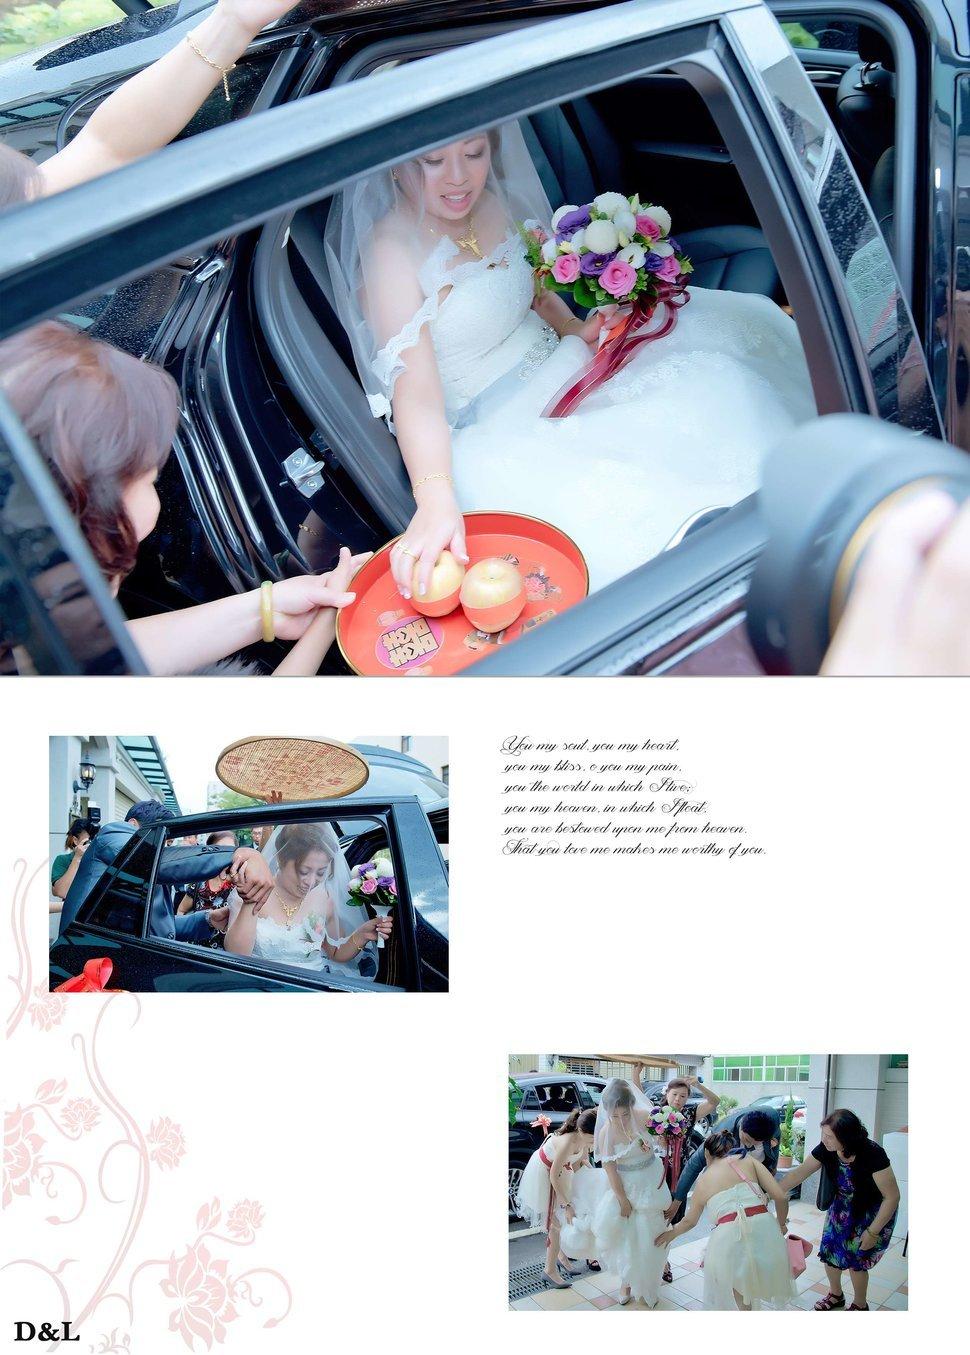 婚禮紀錄-敬添&綉芬(編號:253239) - D&L 婚禮事務-婚紗攝影/婚禮記錄 - 結婚吧一站式婚禮服務平台